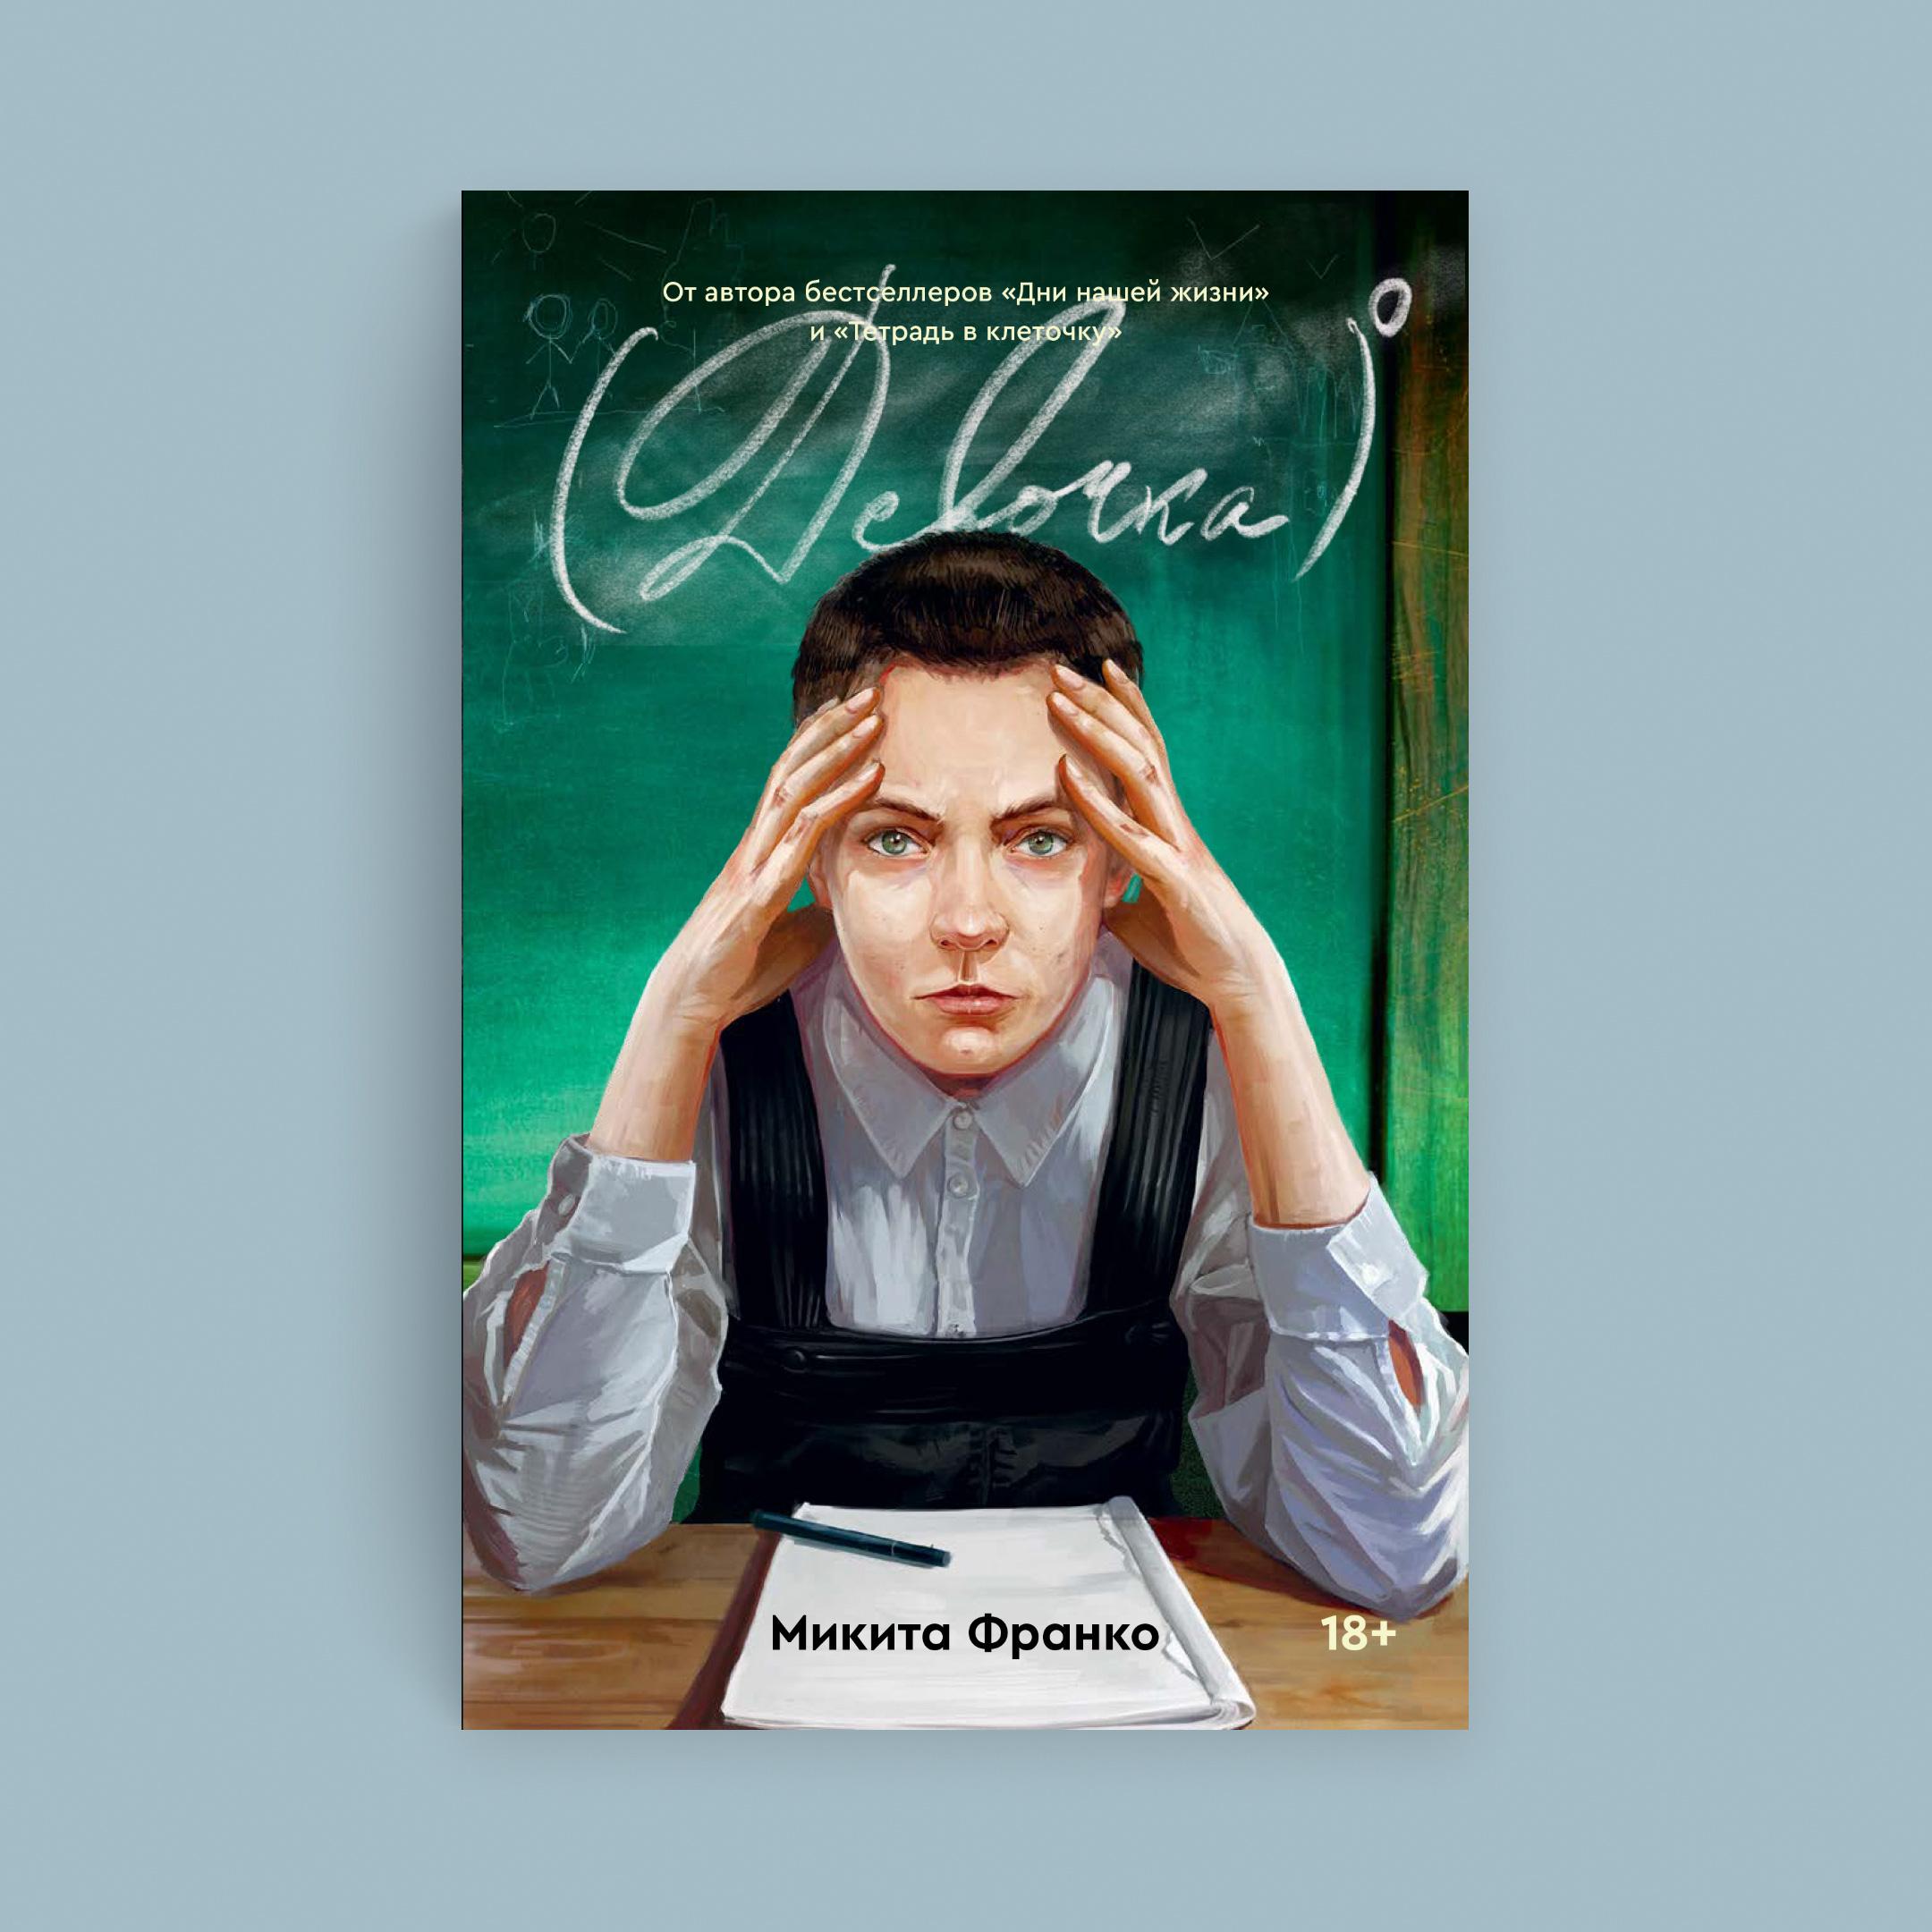 Обложка книги Микиты Франко «Девочка внулевой степени»